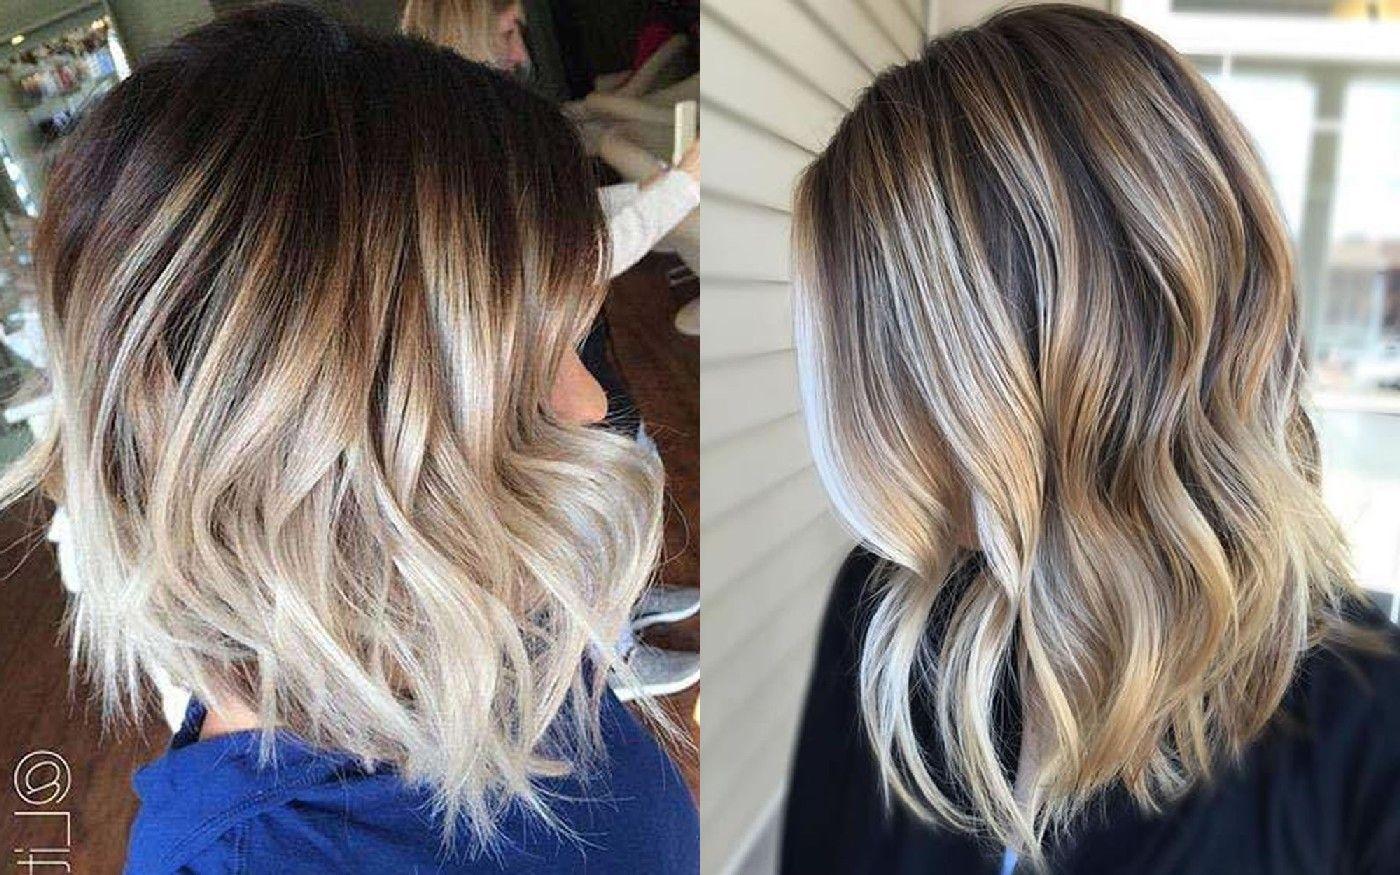 Ombre Haarfarben können Sie mit kurzen Frisuren versuchen ...